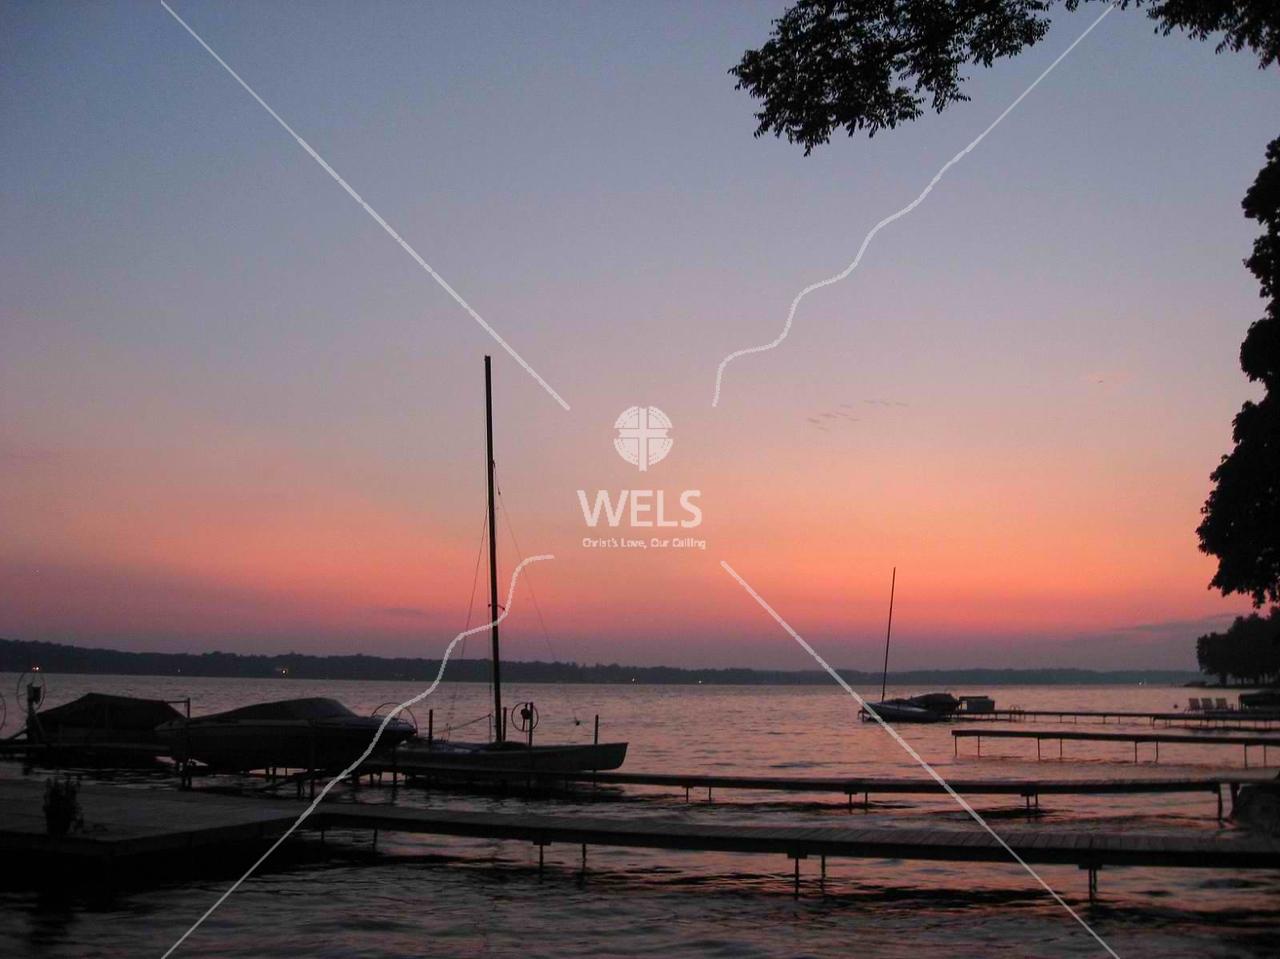 Sunset over Gull Lake, Michigan by kstellick